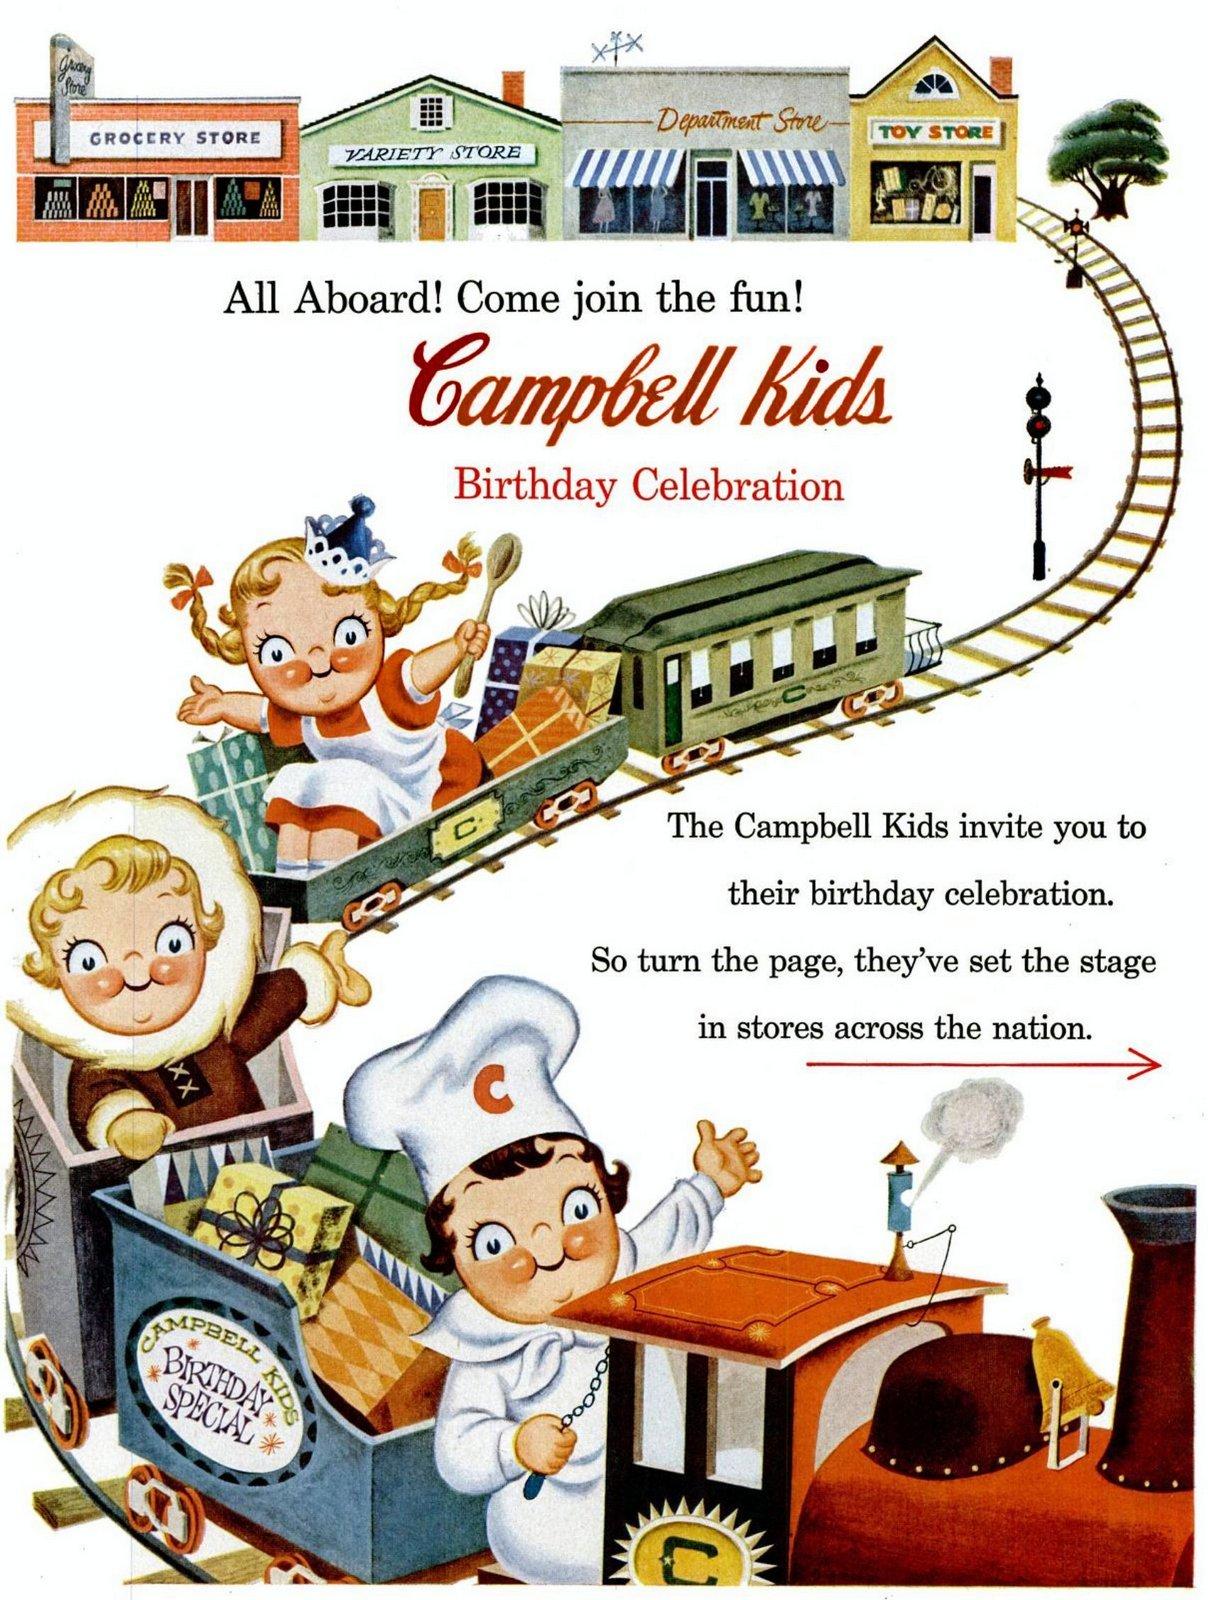 Vintage Campbell Kids 1950s